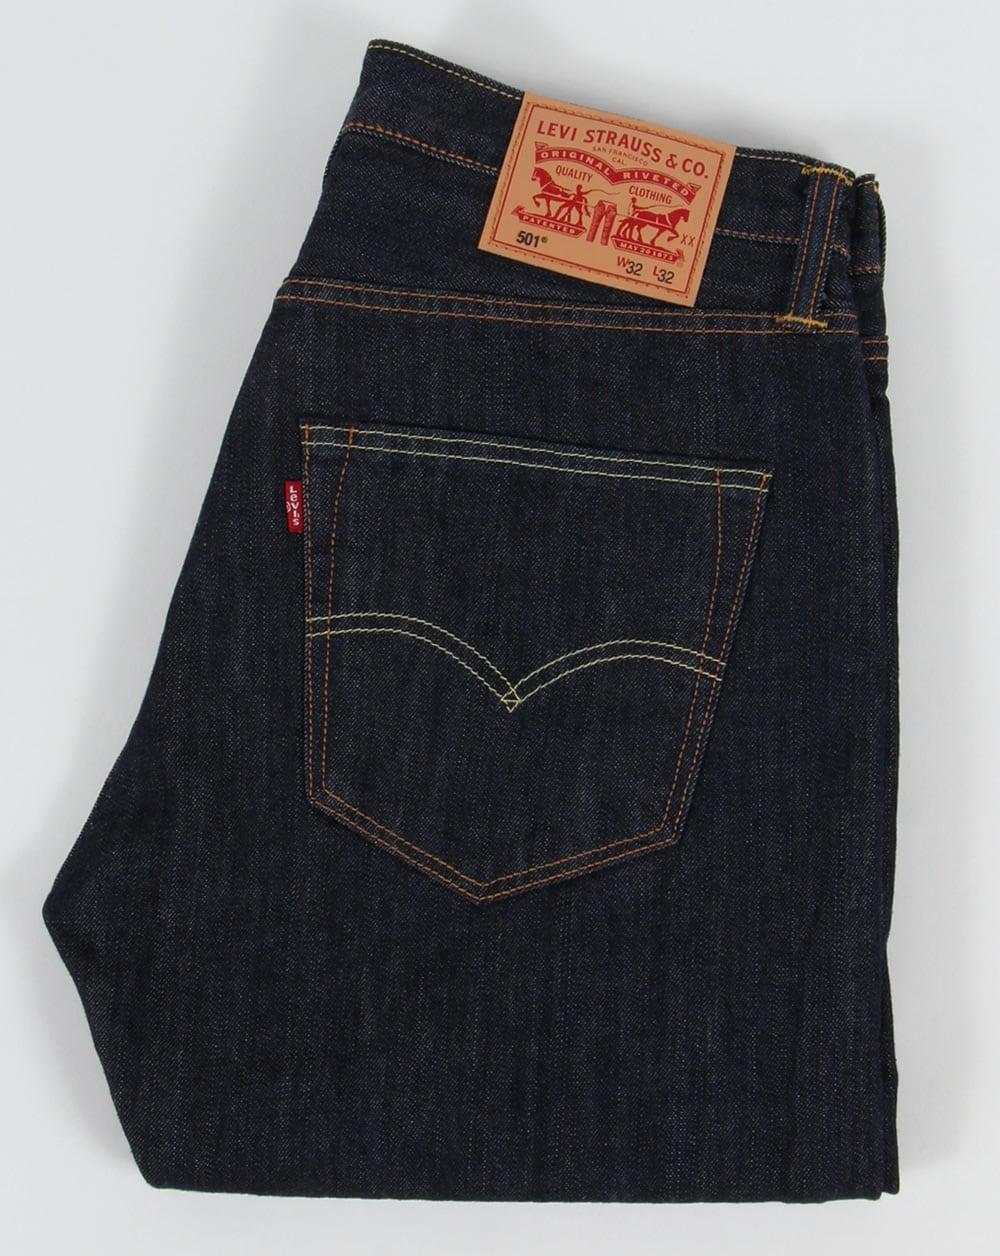 fcad9b537f3 Levis 501 Original Jeans Rigid Dark Wash Marlon Fit,denim,straight